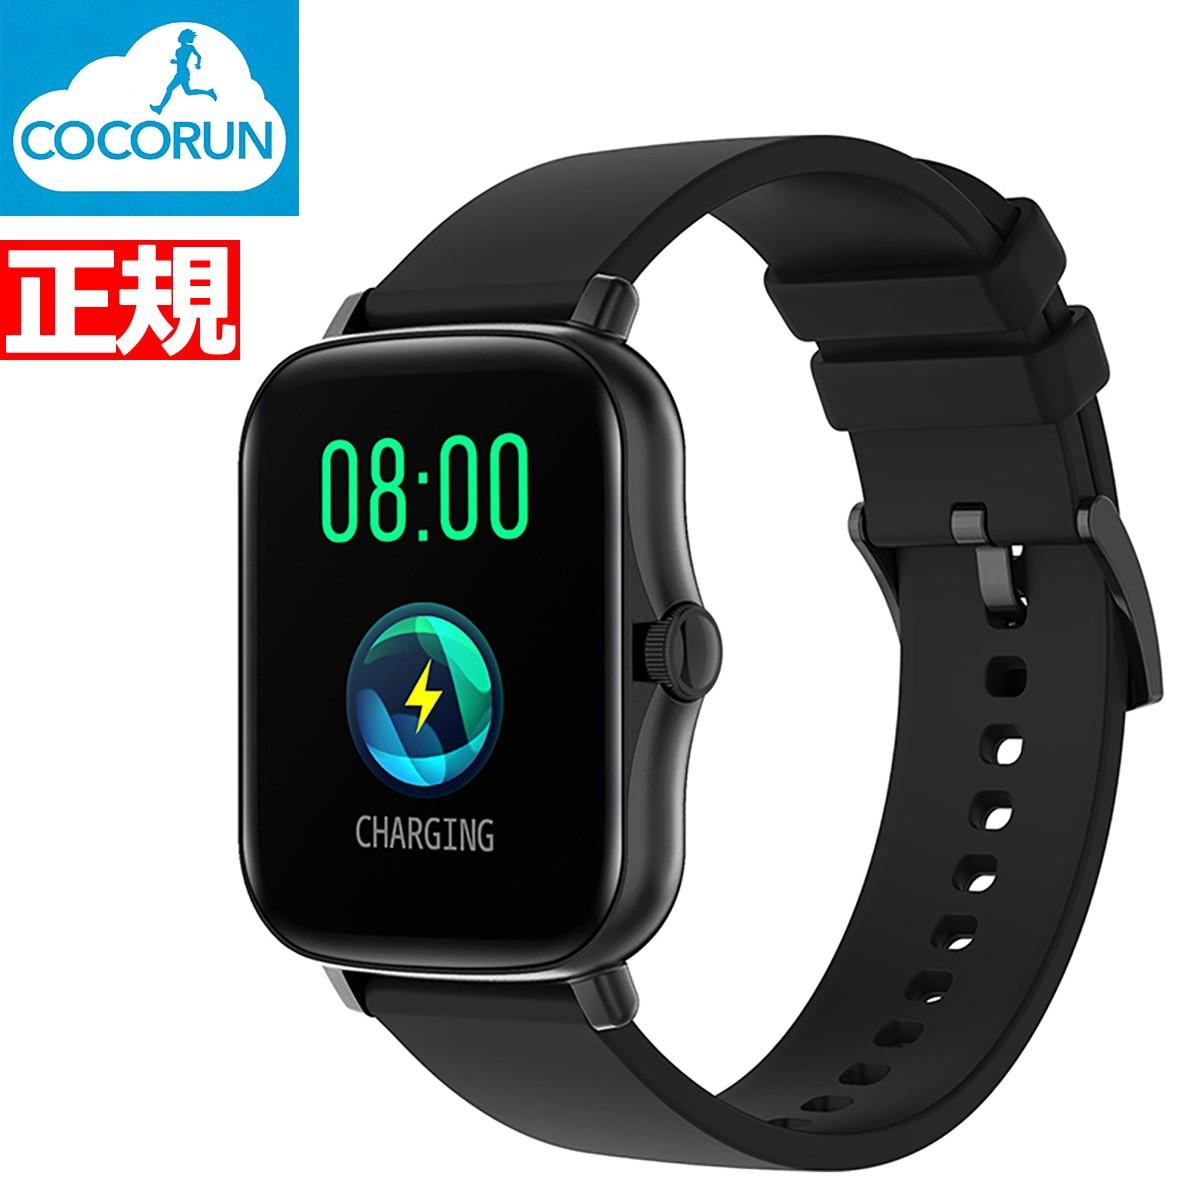 ココラン COCORUN スマートウォッチ ファーストランニング 血圧 血中酵素濃度 心拍計 歩数計 通知 腕時計 ブラック メンズ レディース CY-20K